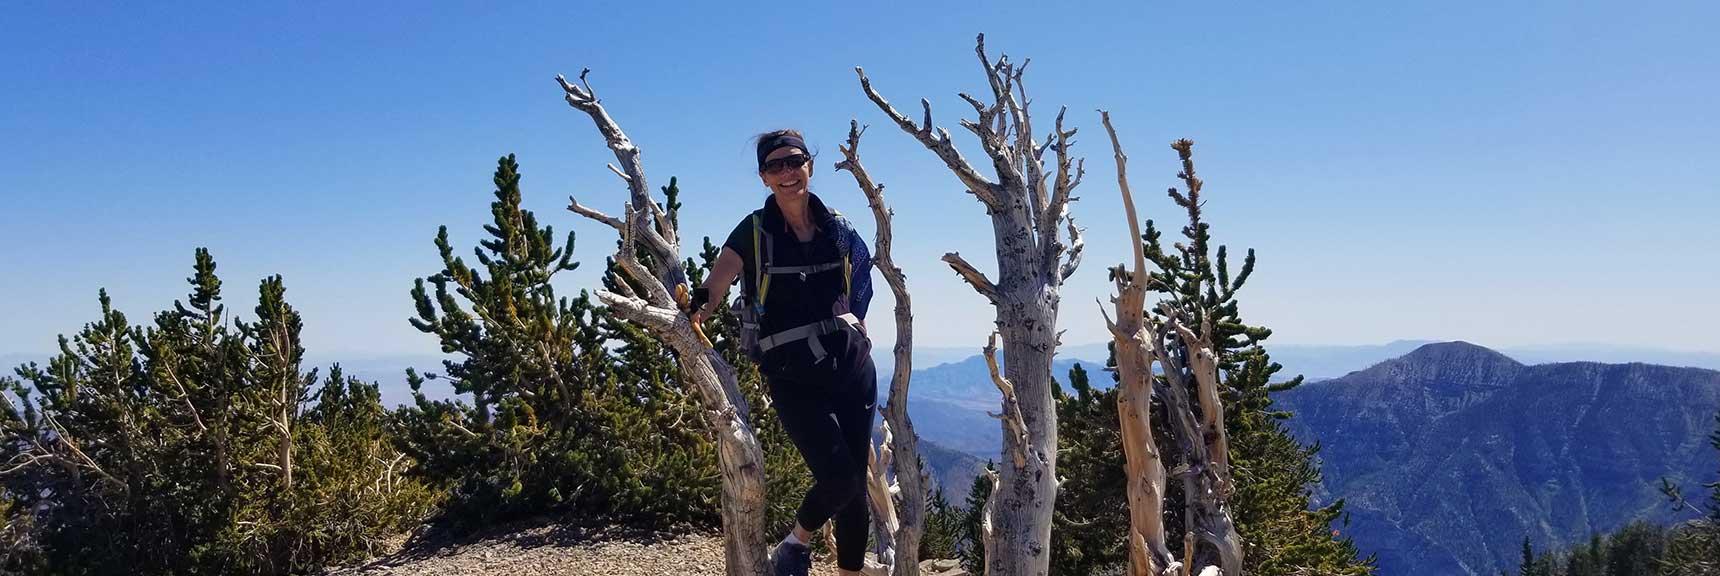 Sharon on the Summit Tree of Mummy Mt. in Nevada